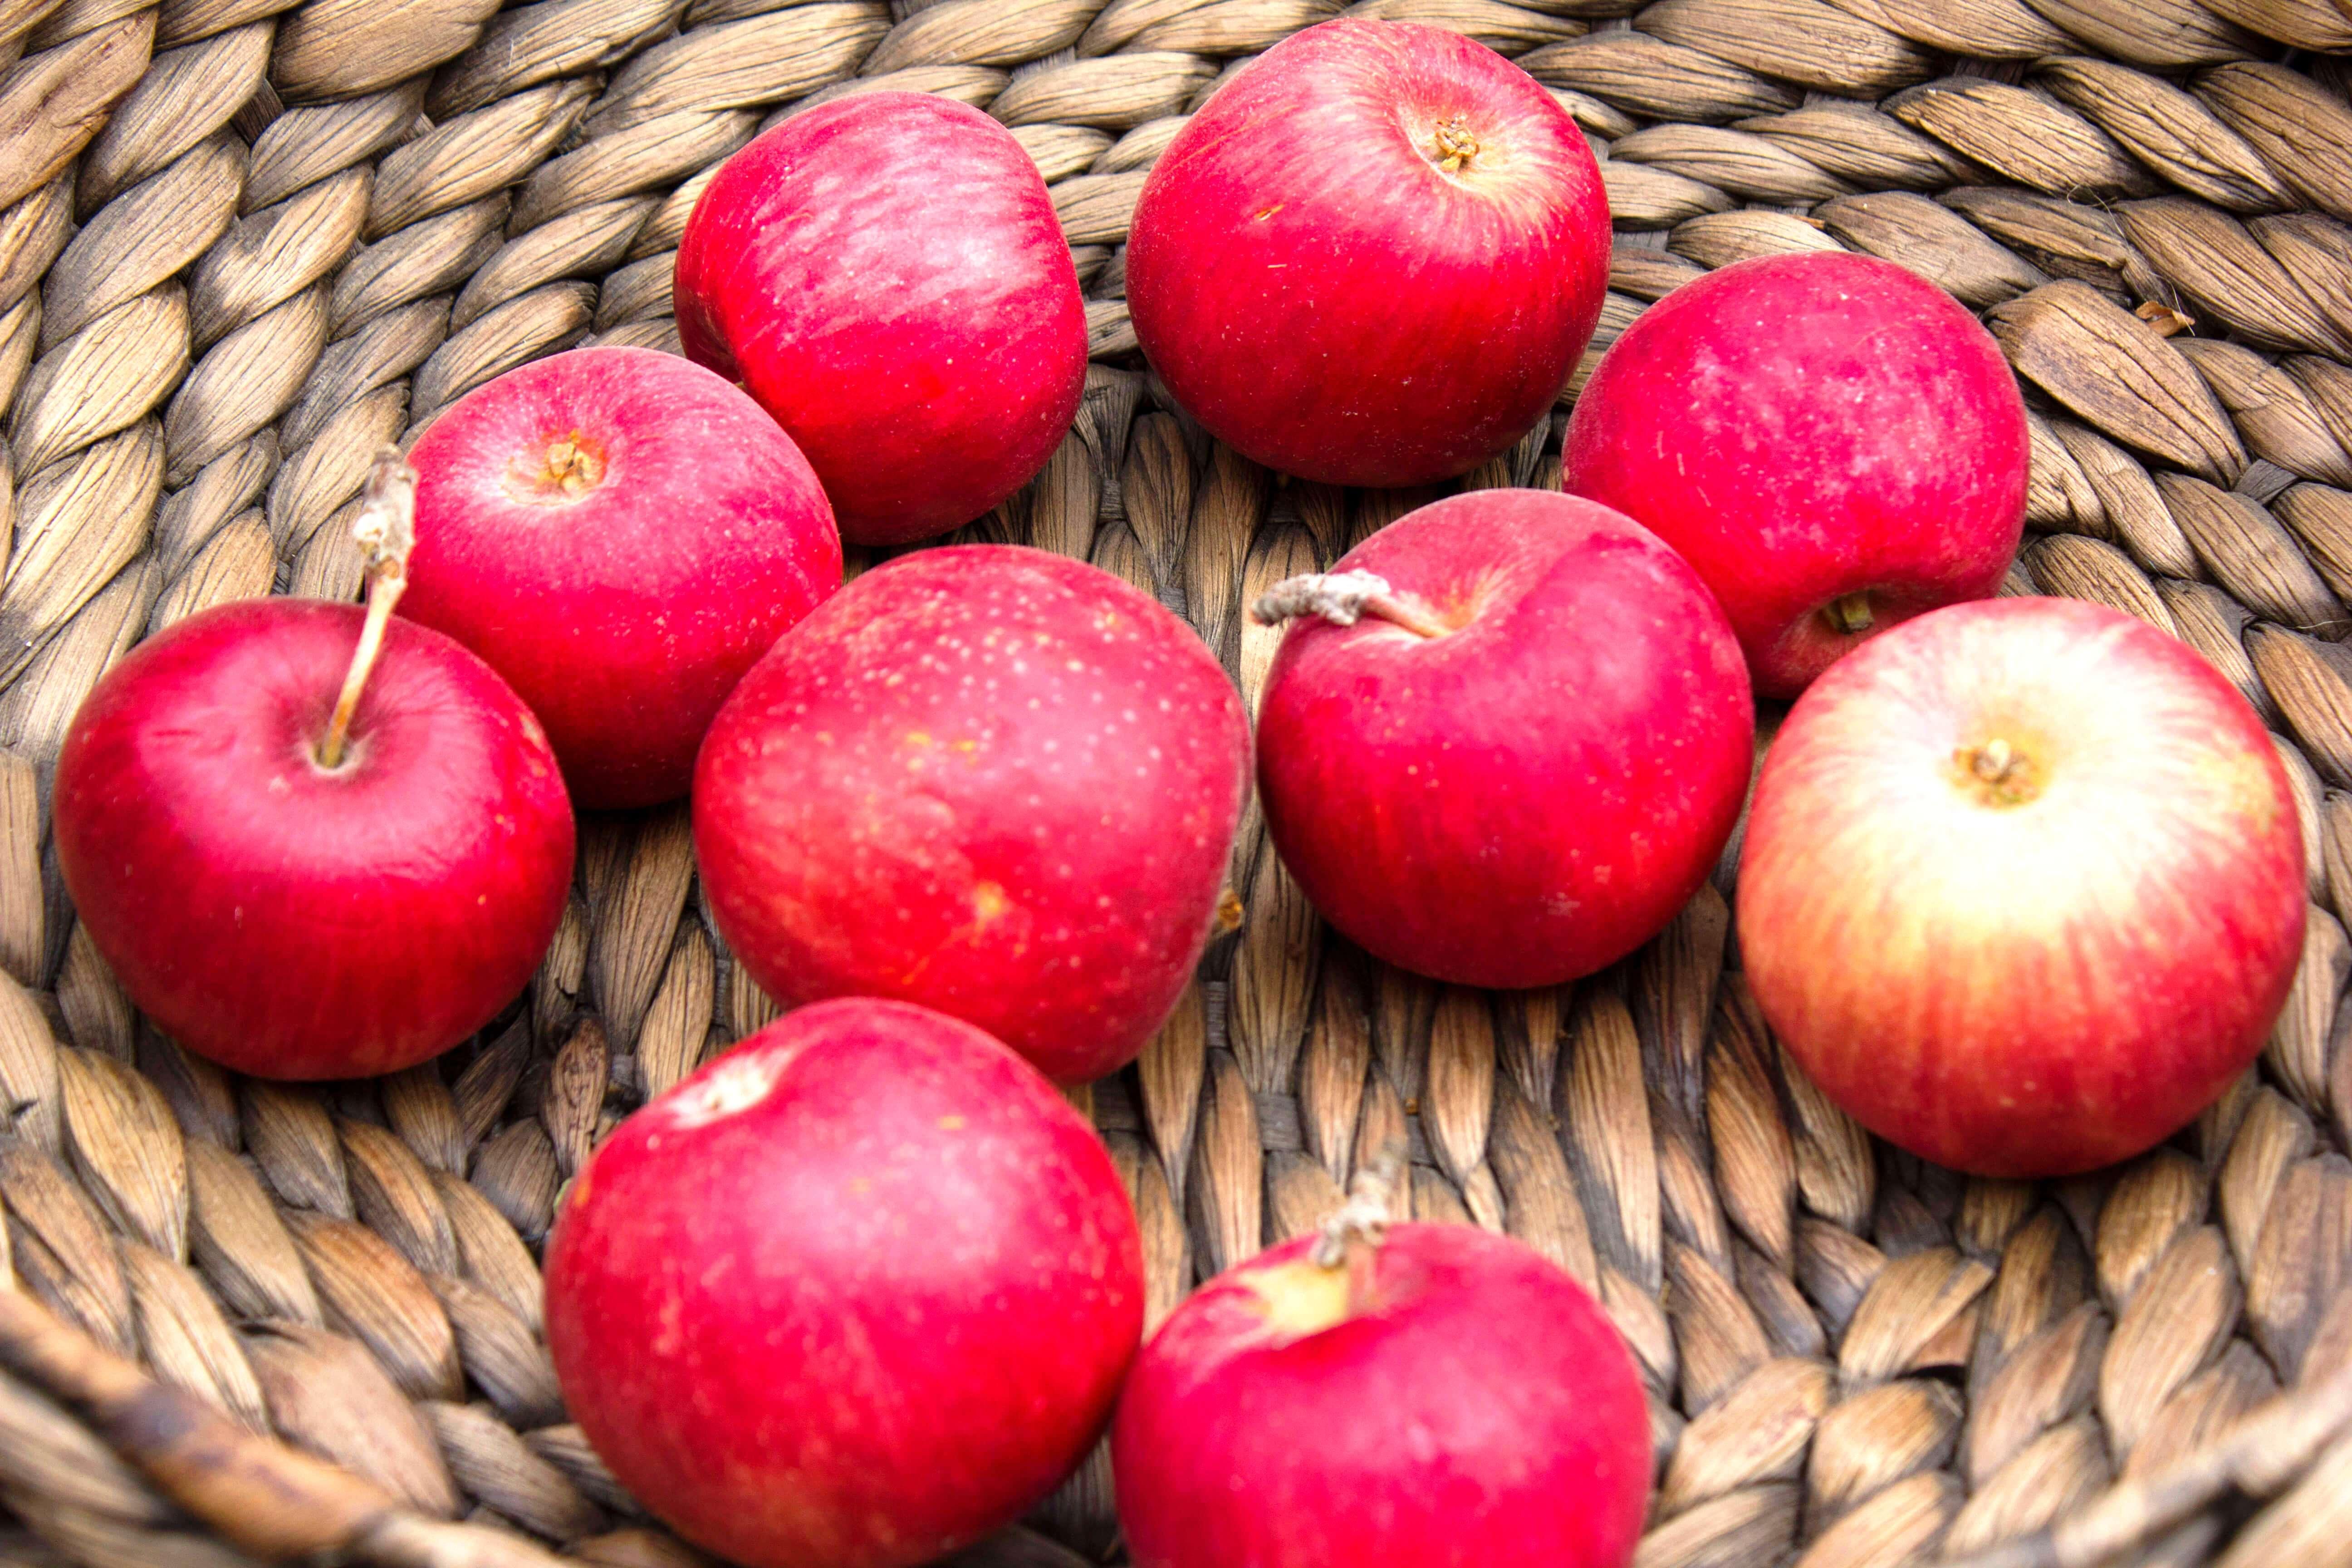 яблоки красивое фото